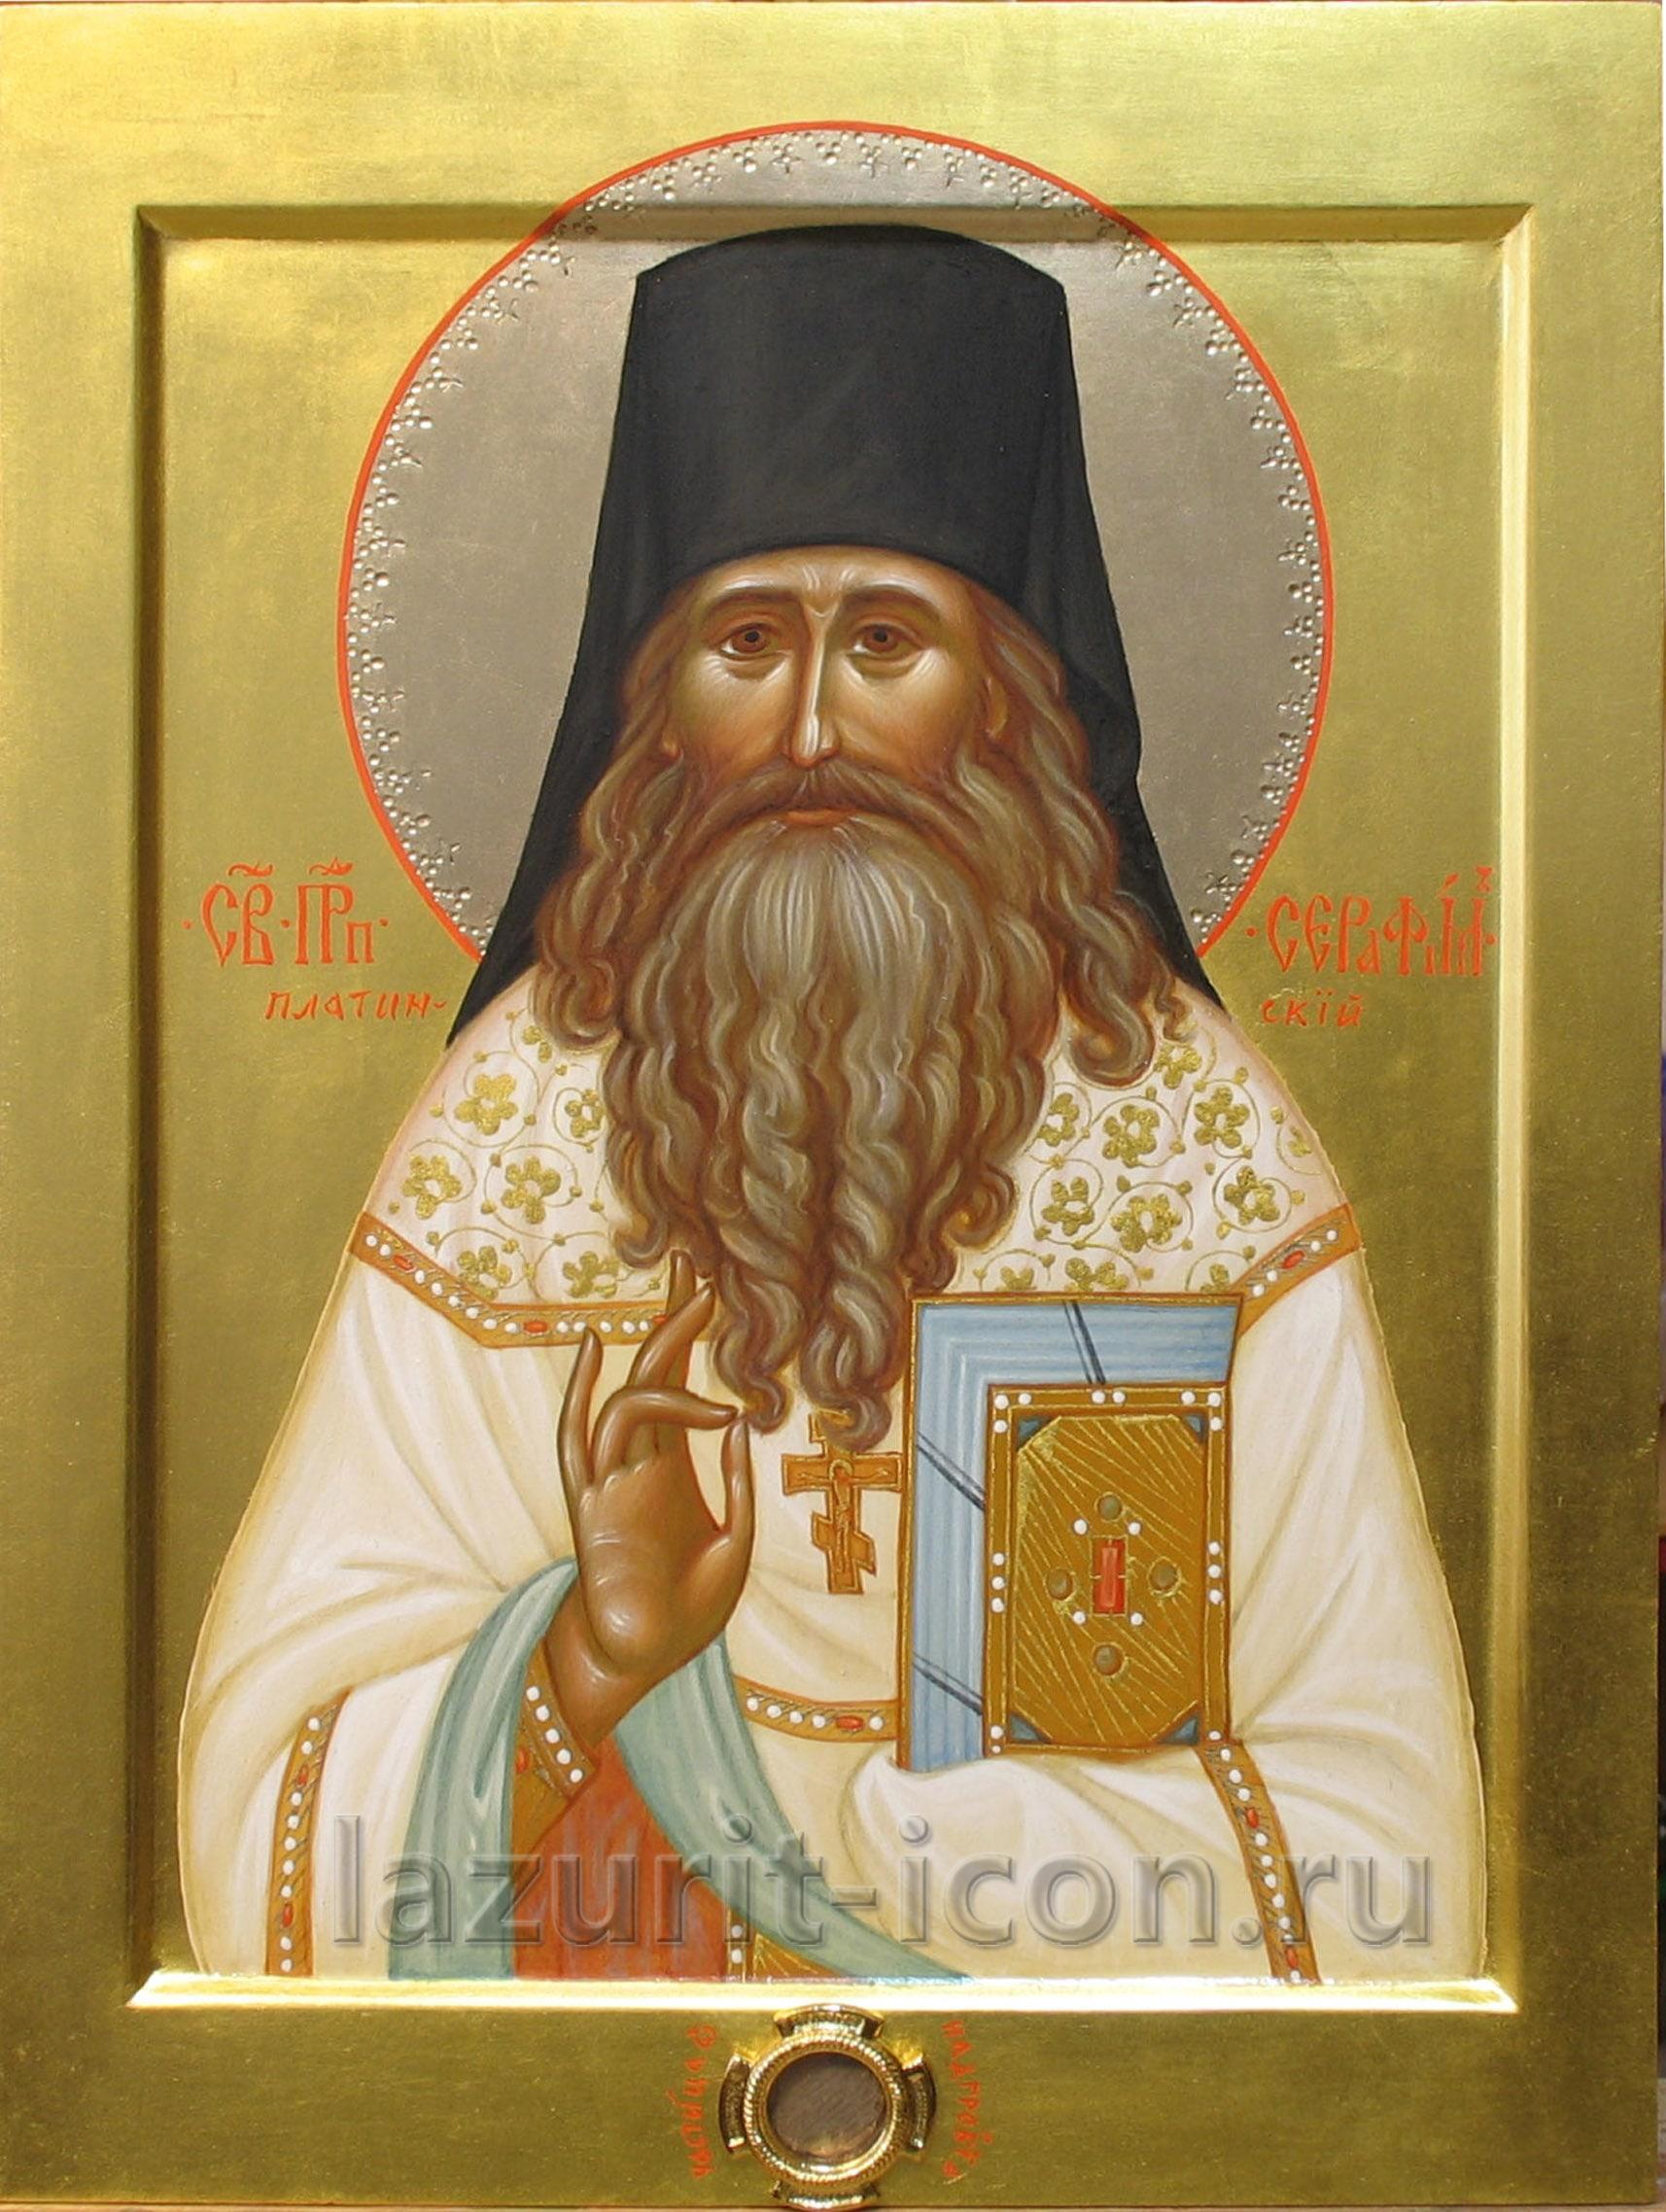 преподобный Серафим Платинский